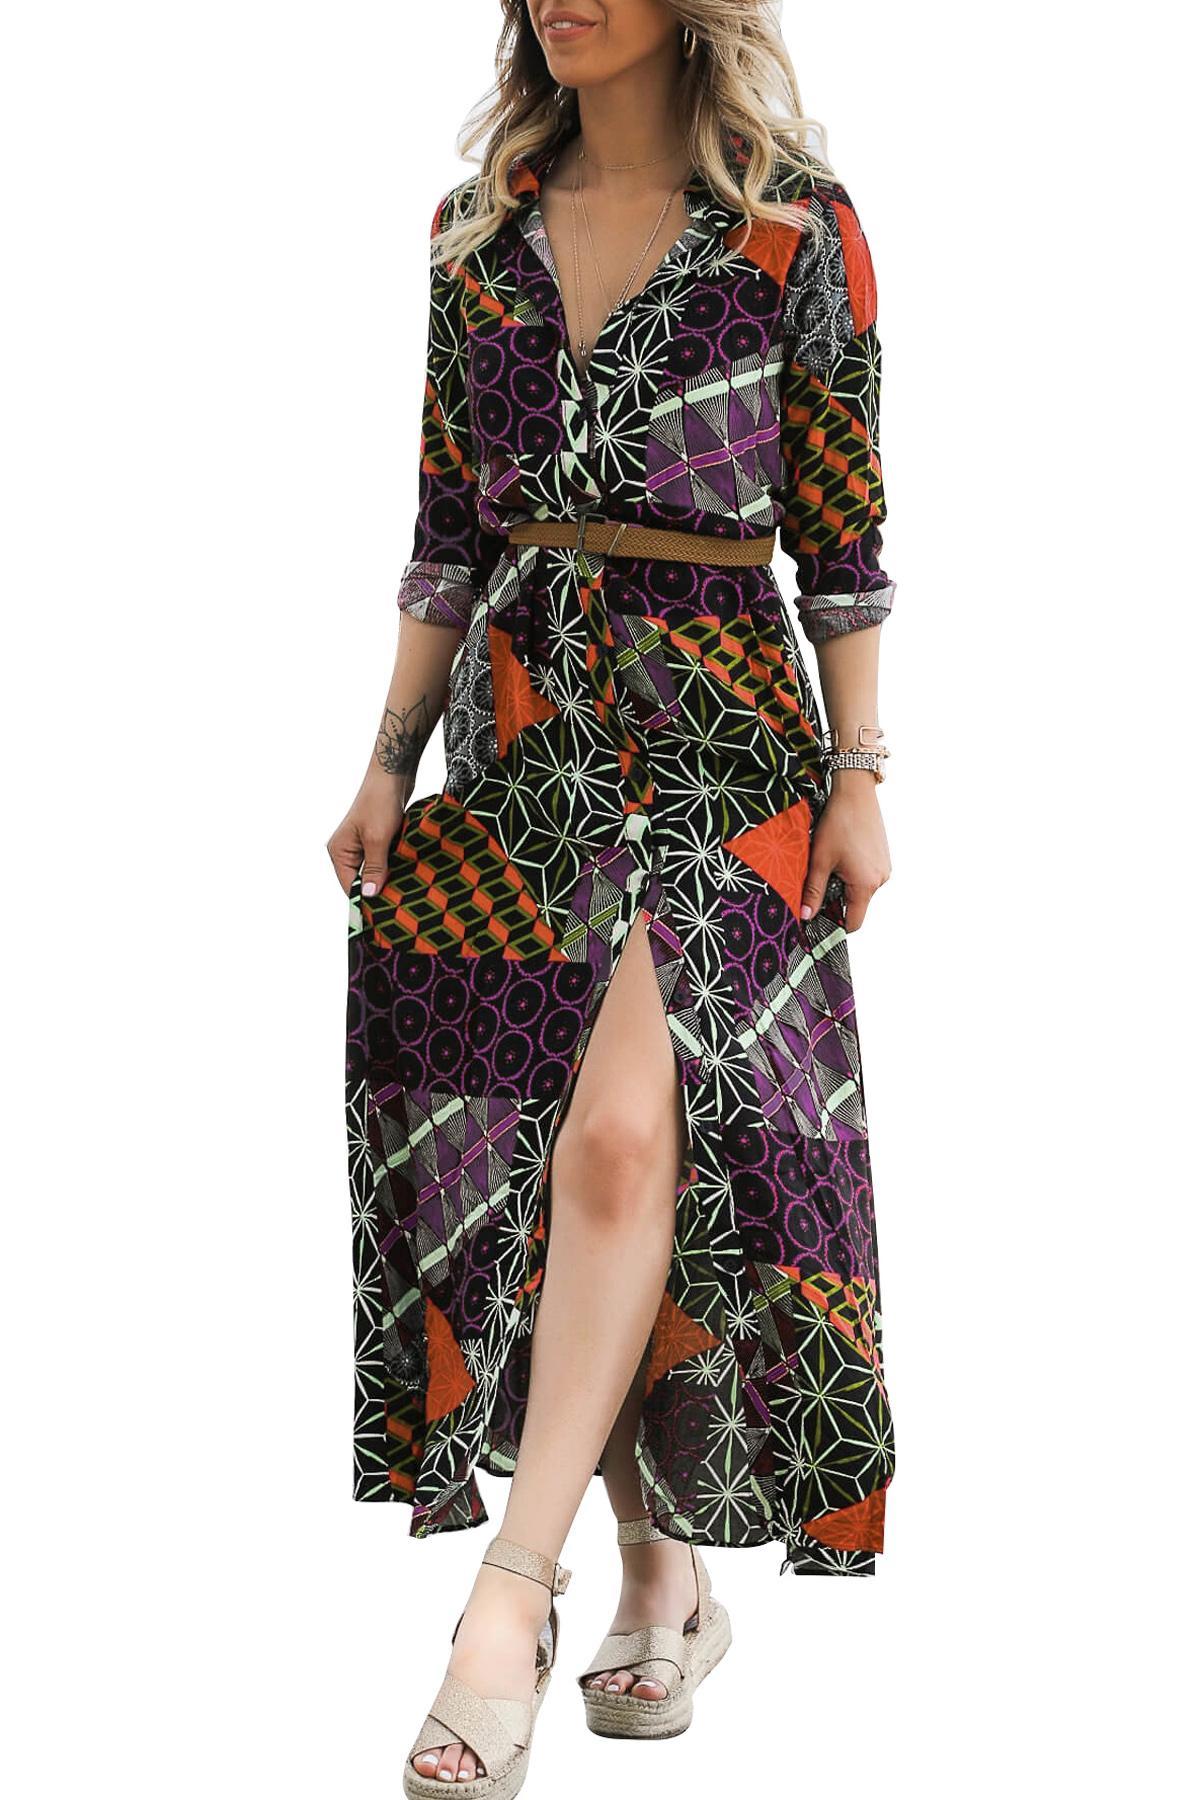 gamme exclusive 100% haute qualité chaussures de séparation Robe longue noire avec imprimé Boho et ceinture de Chine